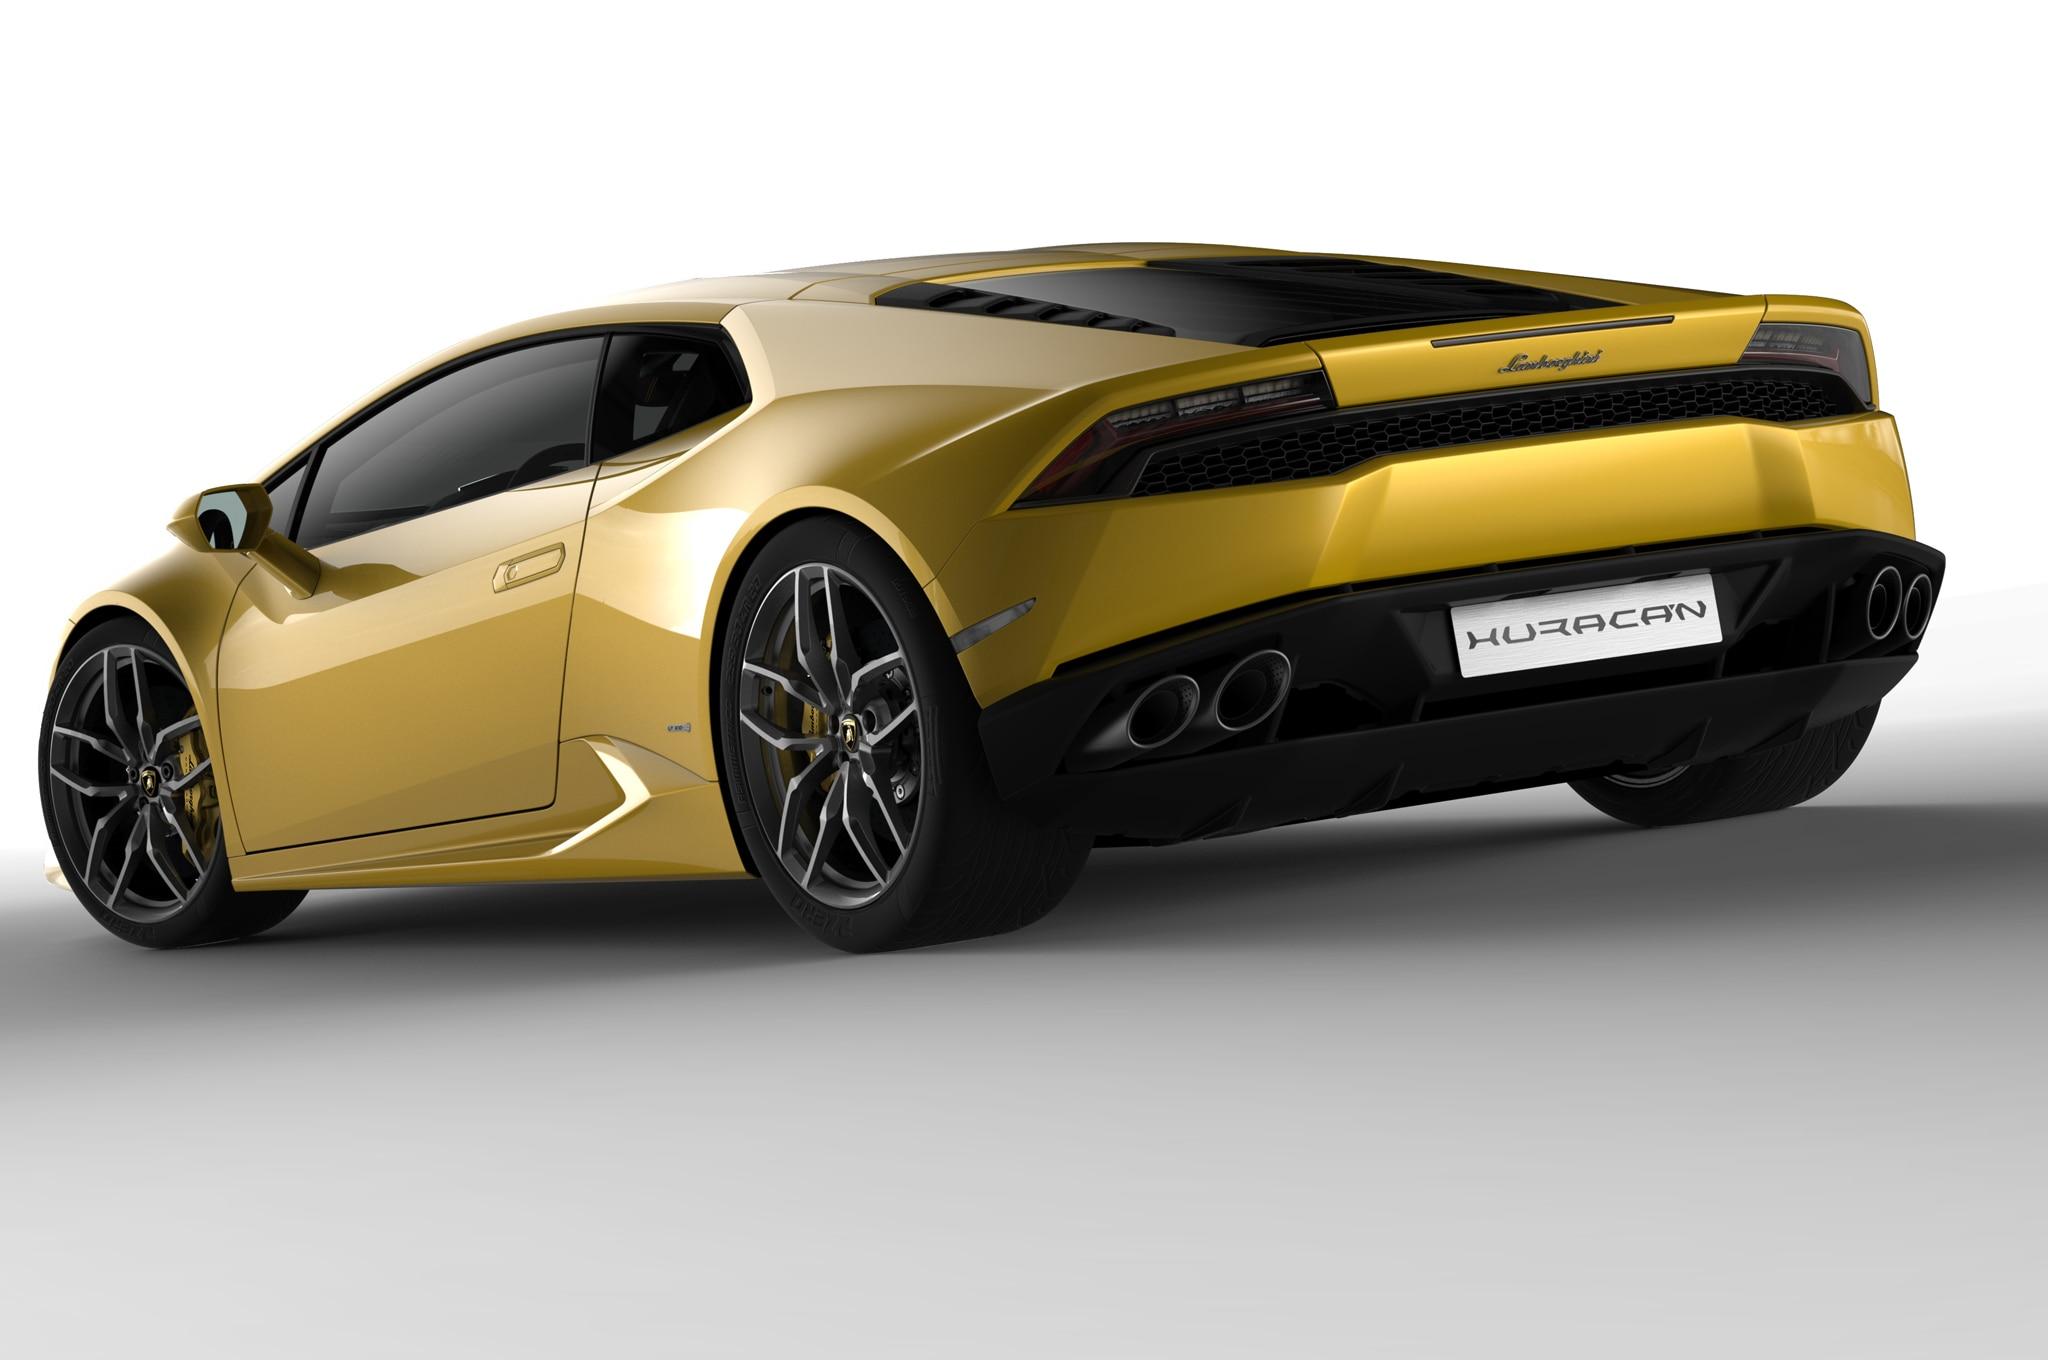 2015 Lamborghini Huracan Yellow Rear Three Quarters